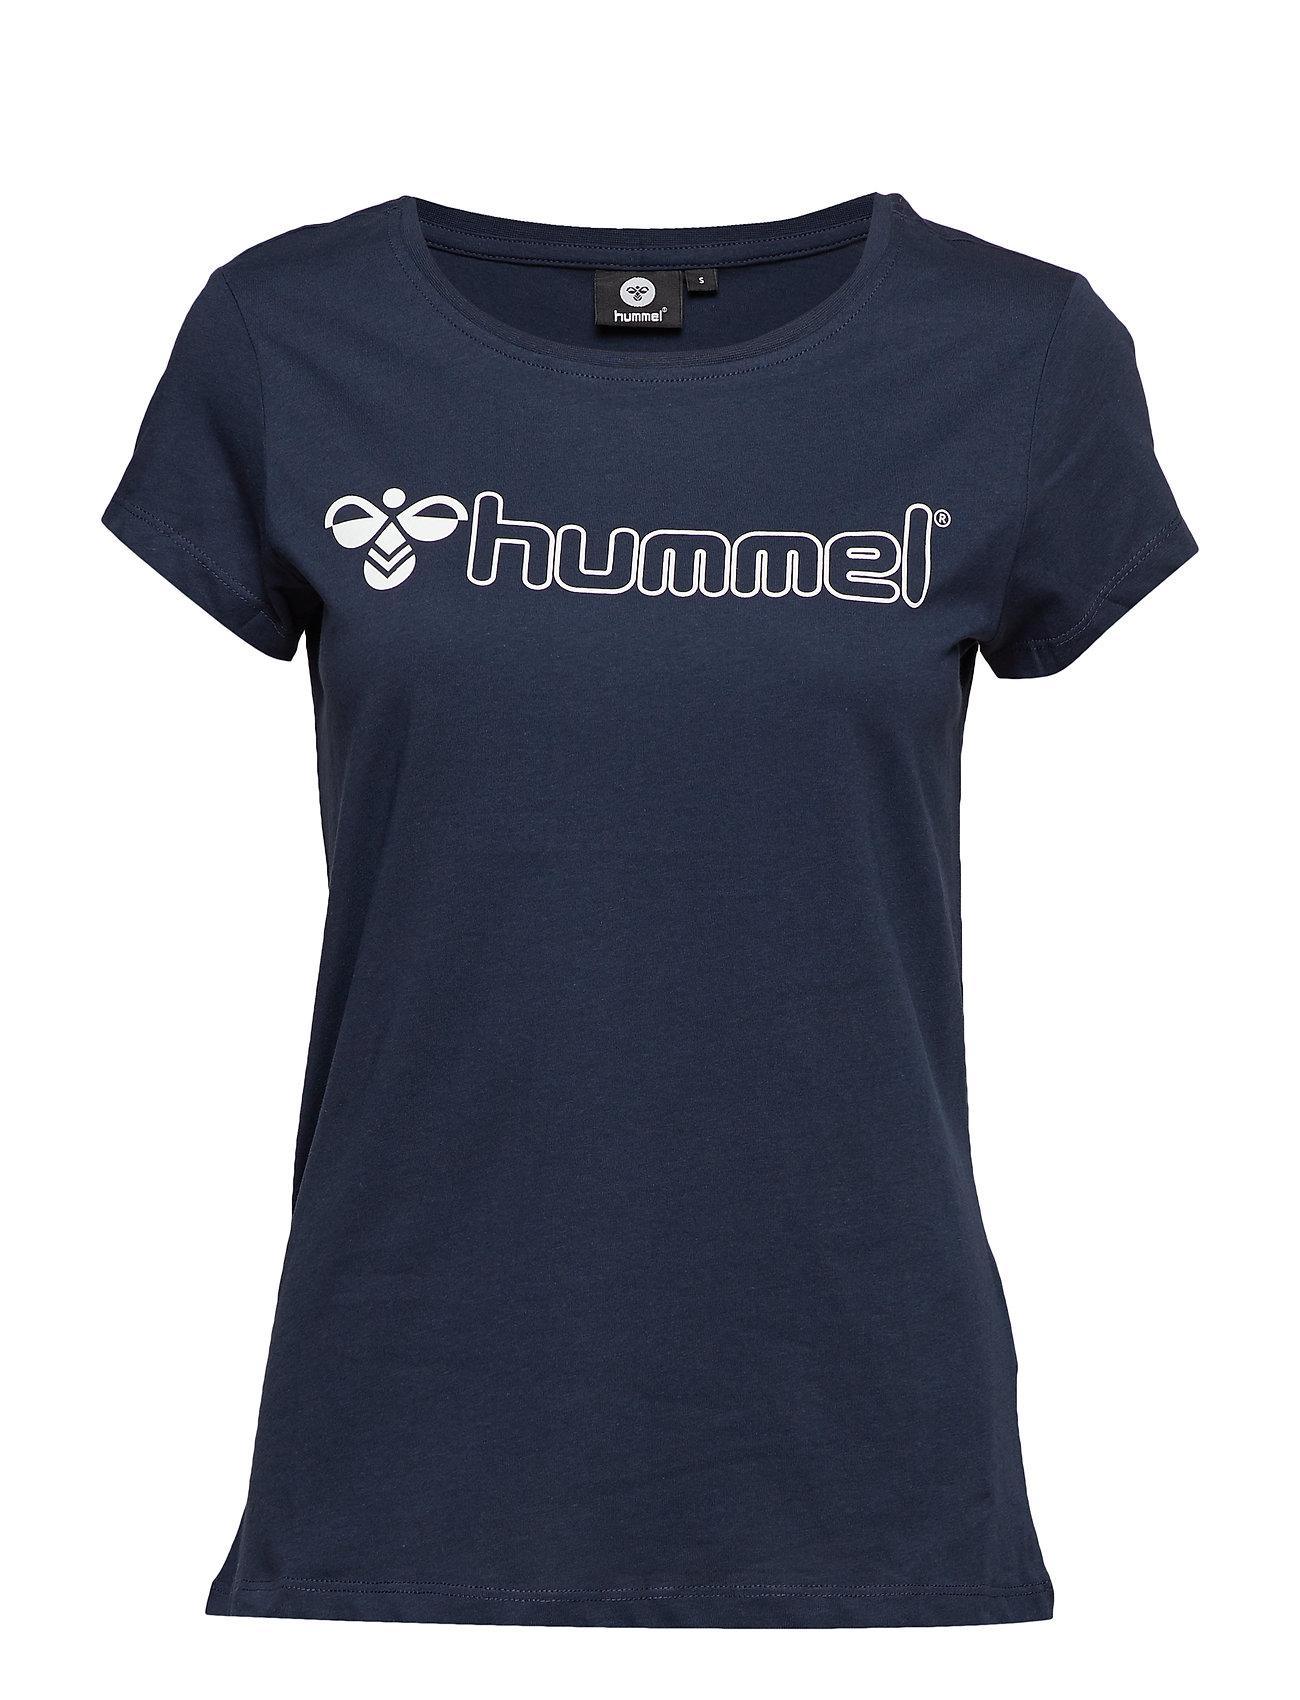 Hummel HMLLUCY T-SHIRT S/S - BLACK IRIS